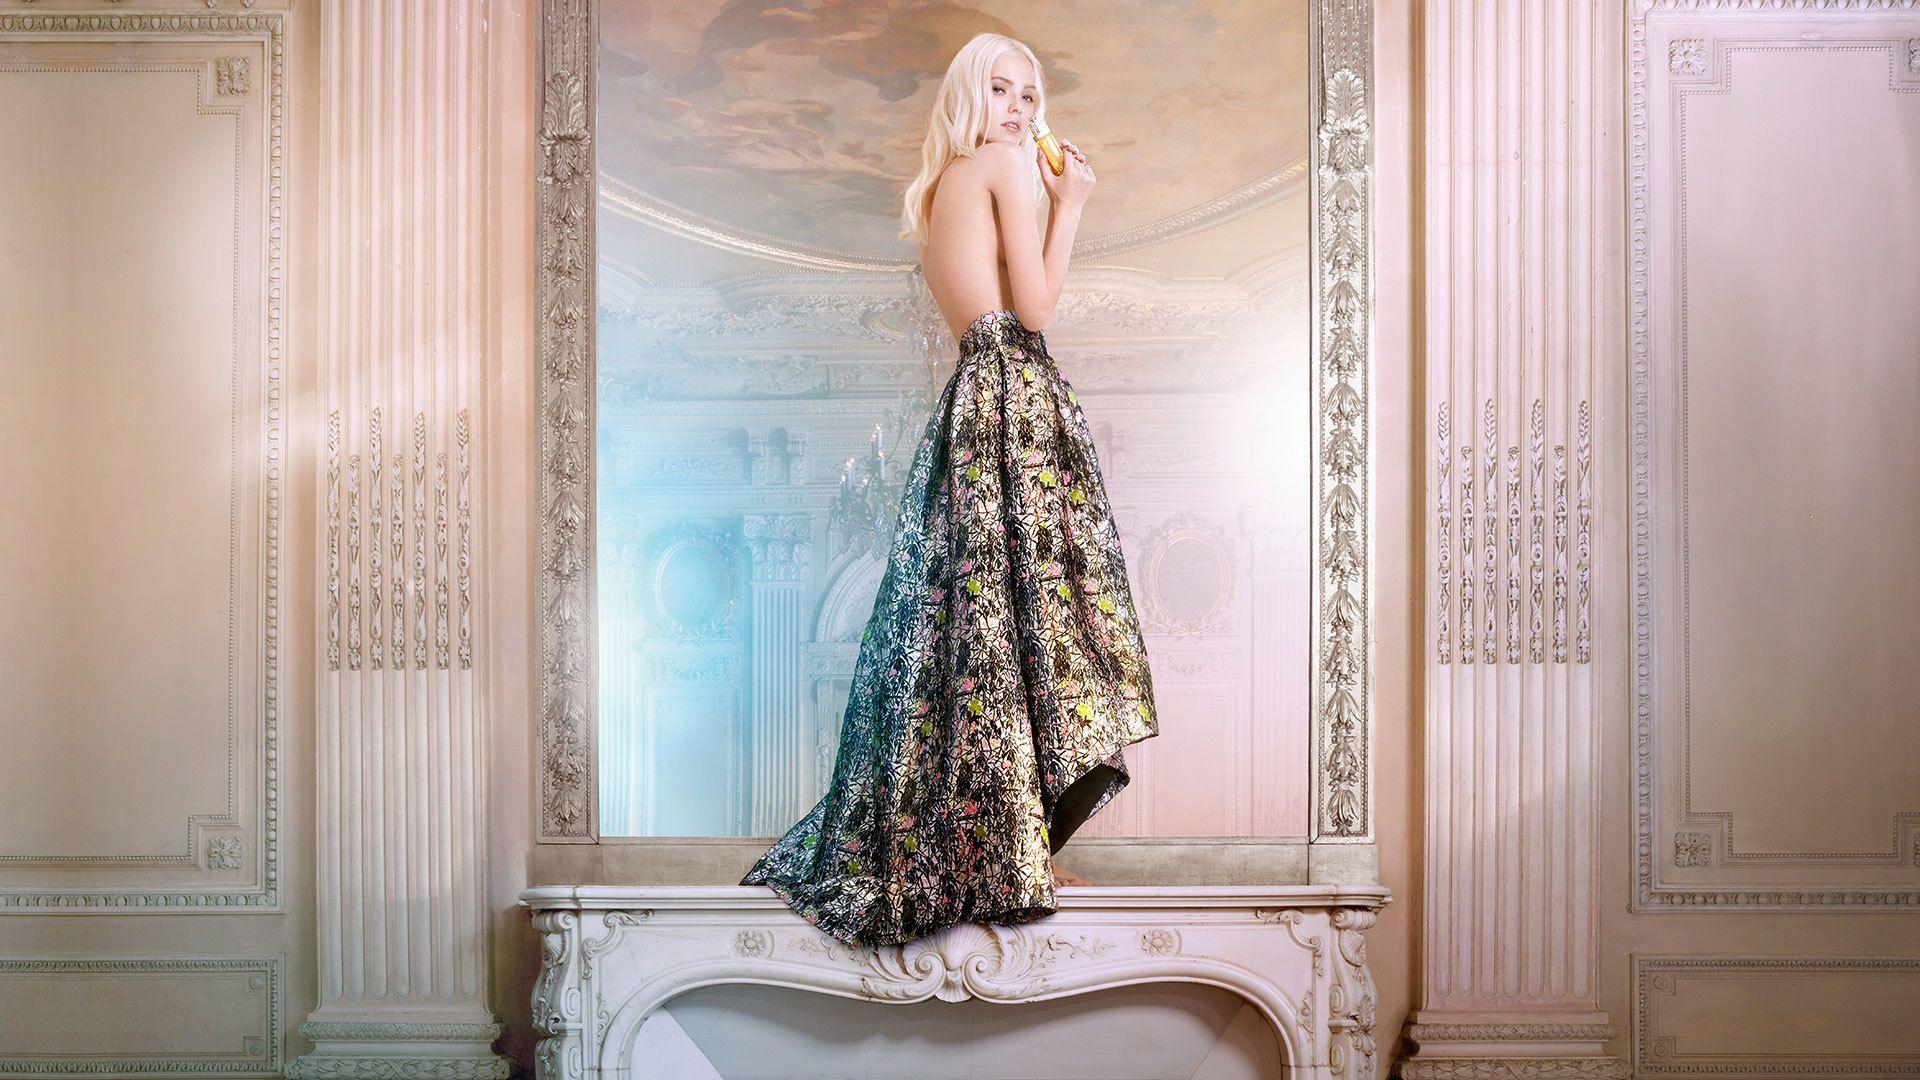 Dior Cool HD Wallpaper